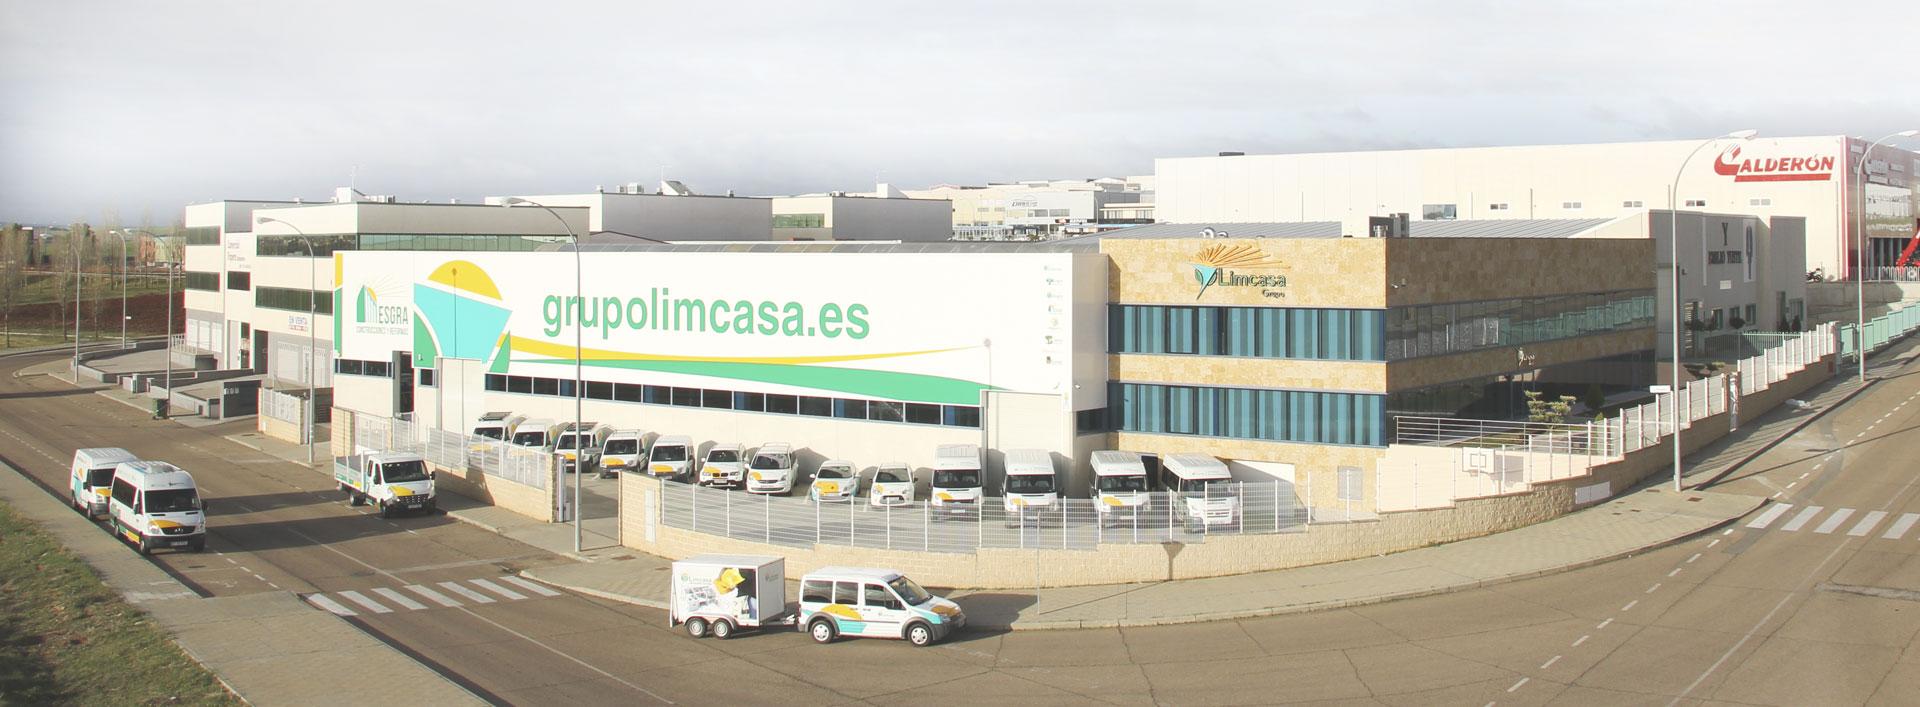 Imagen de la fachada del edificio principal del Grupo Limcasa